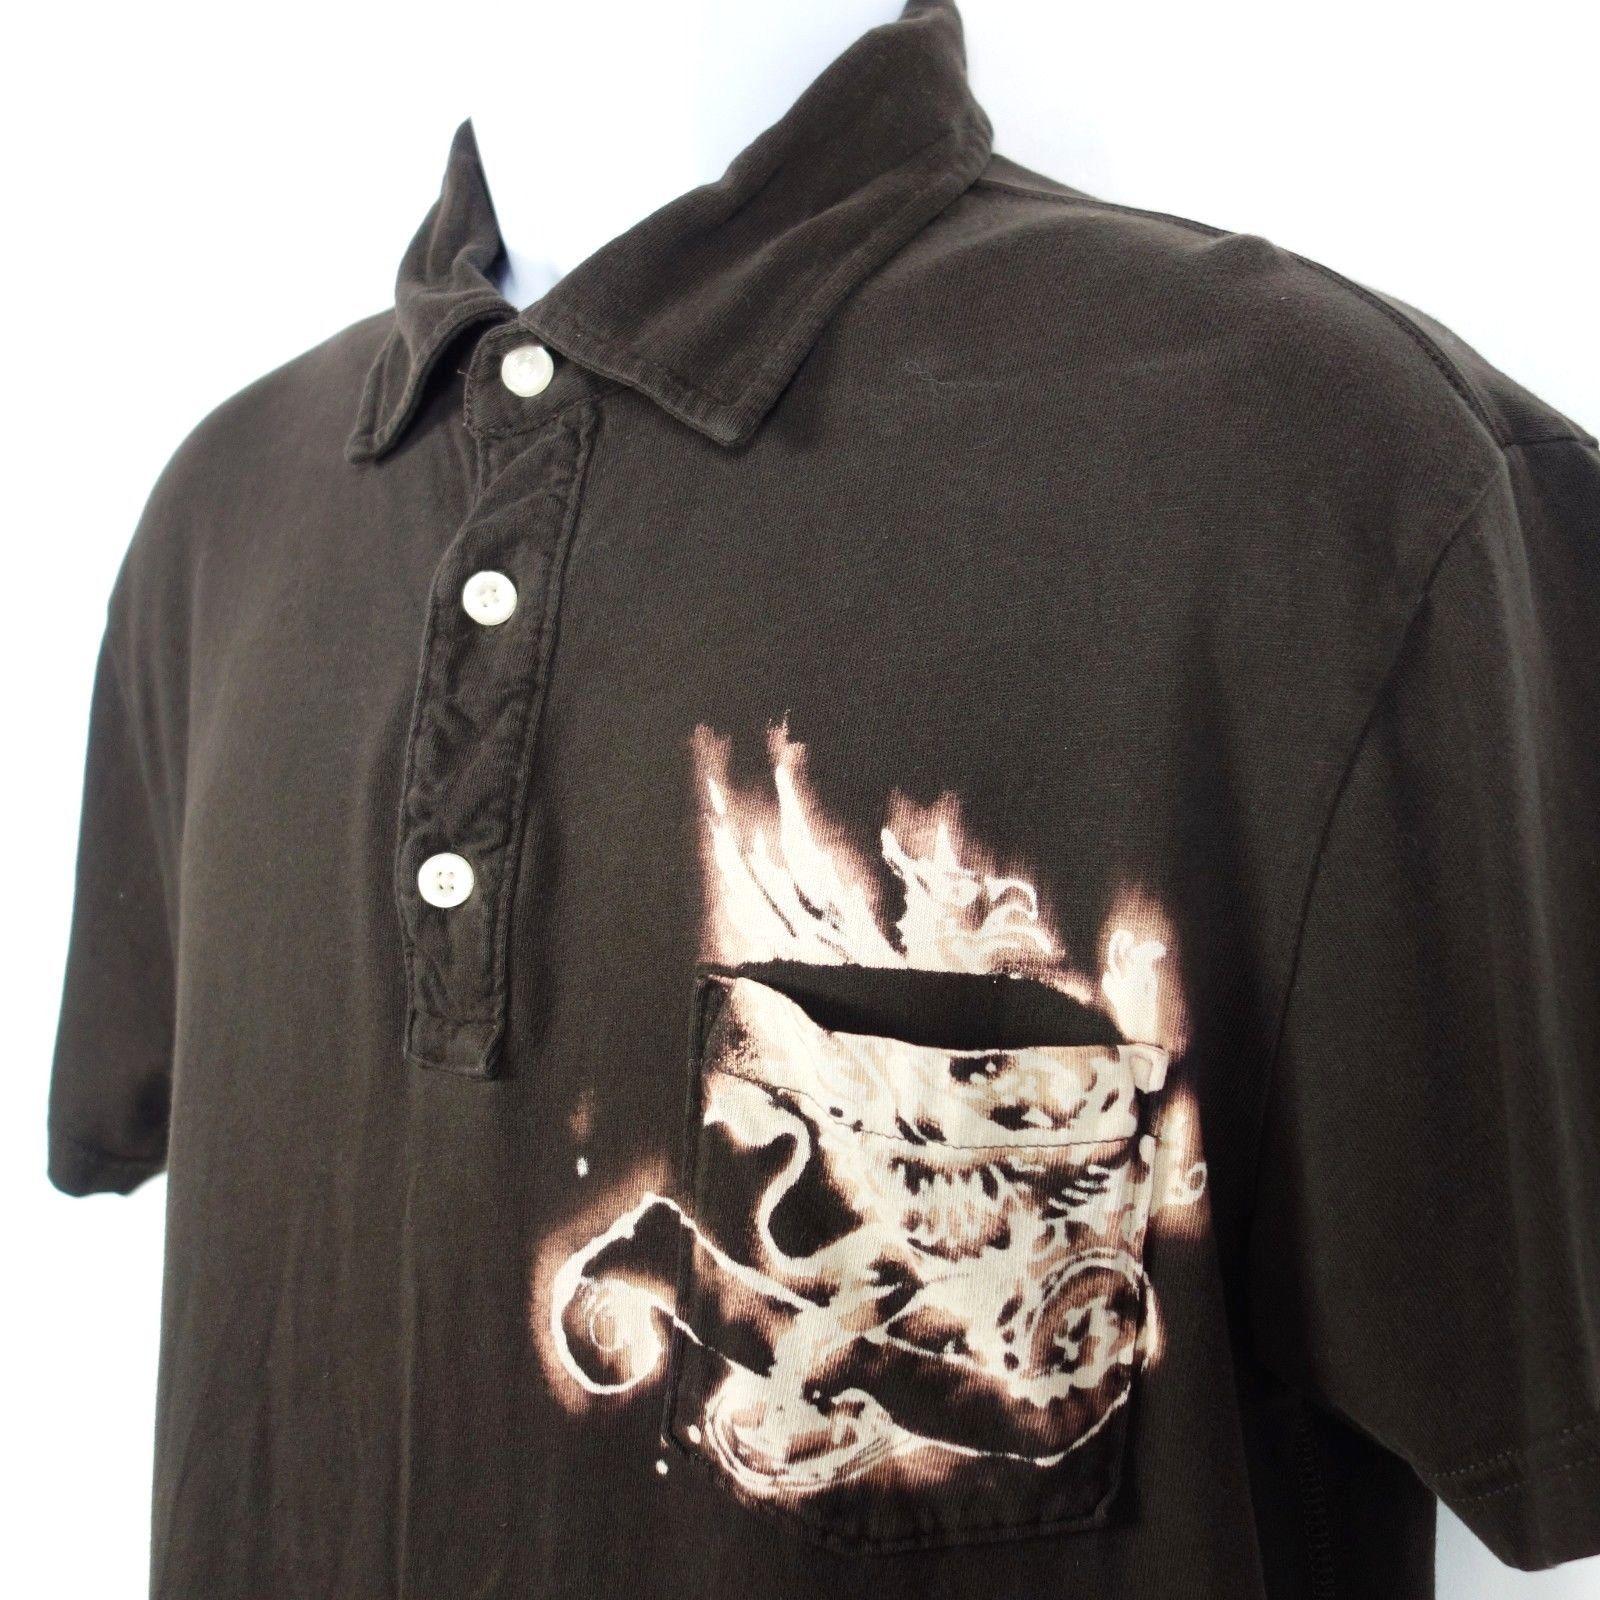 Gap Pocket Polo Shirt Men's Large Brown Cotton Bleached Design Established 1969 image 2